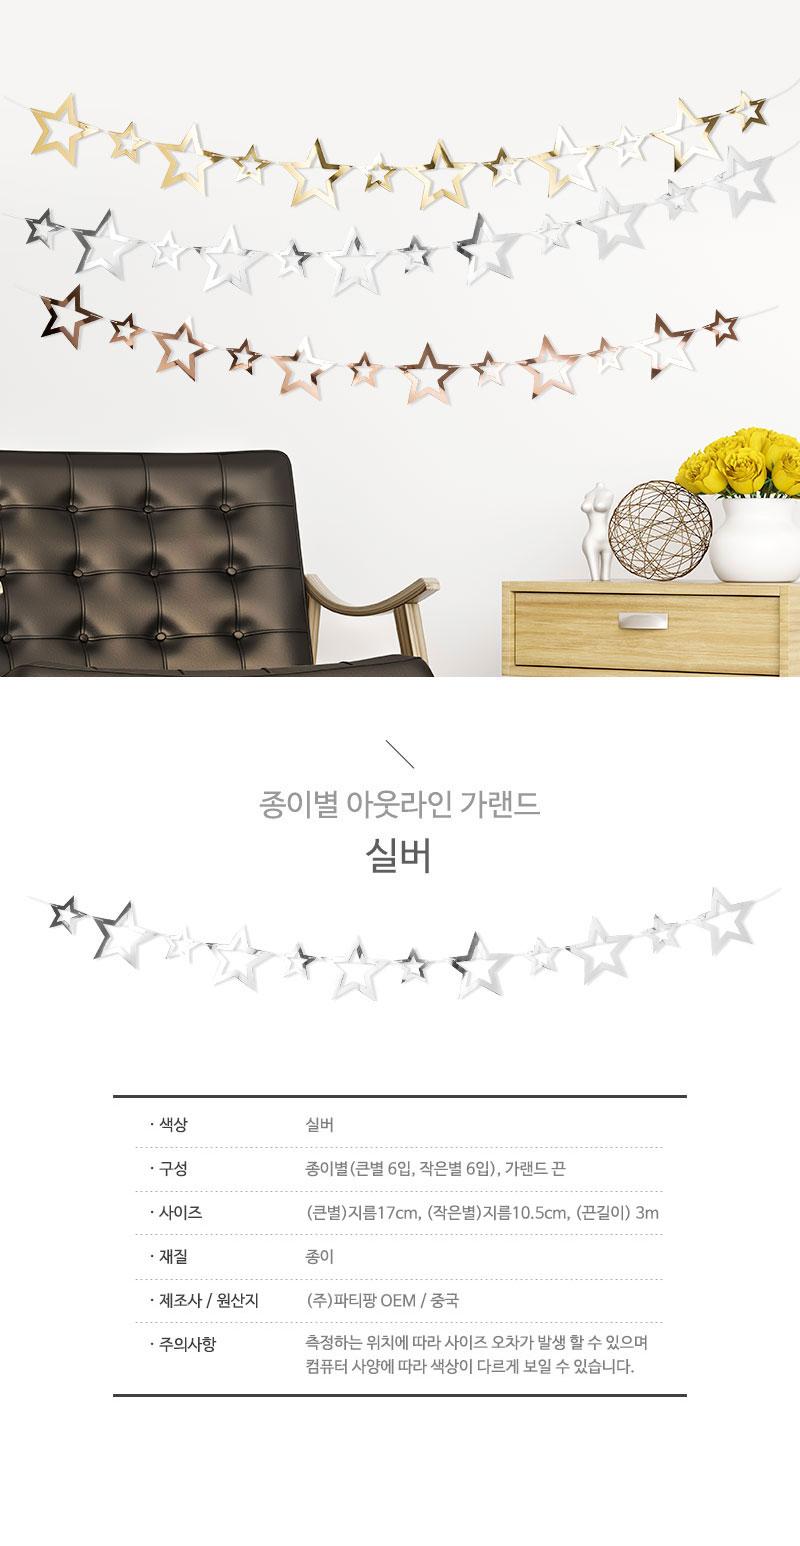 종이별 아웃라인 가랜드 [실버] _partypang - 파티팡, 2,400원, 파티용품, 가랜드/배너/현수막